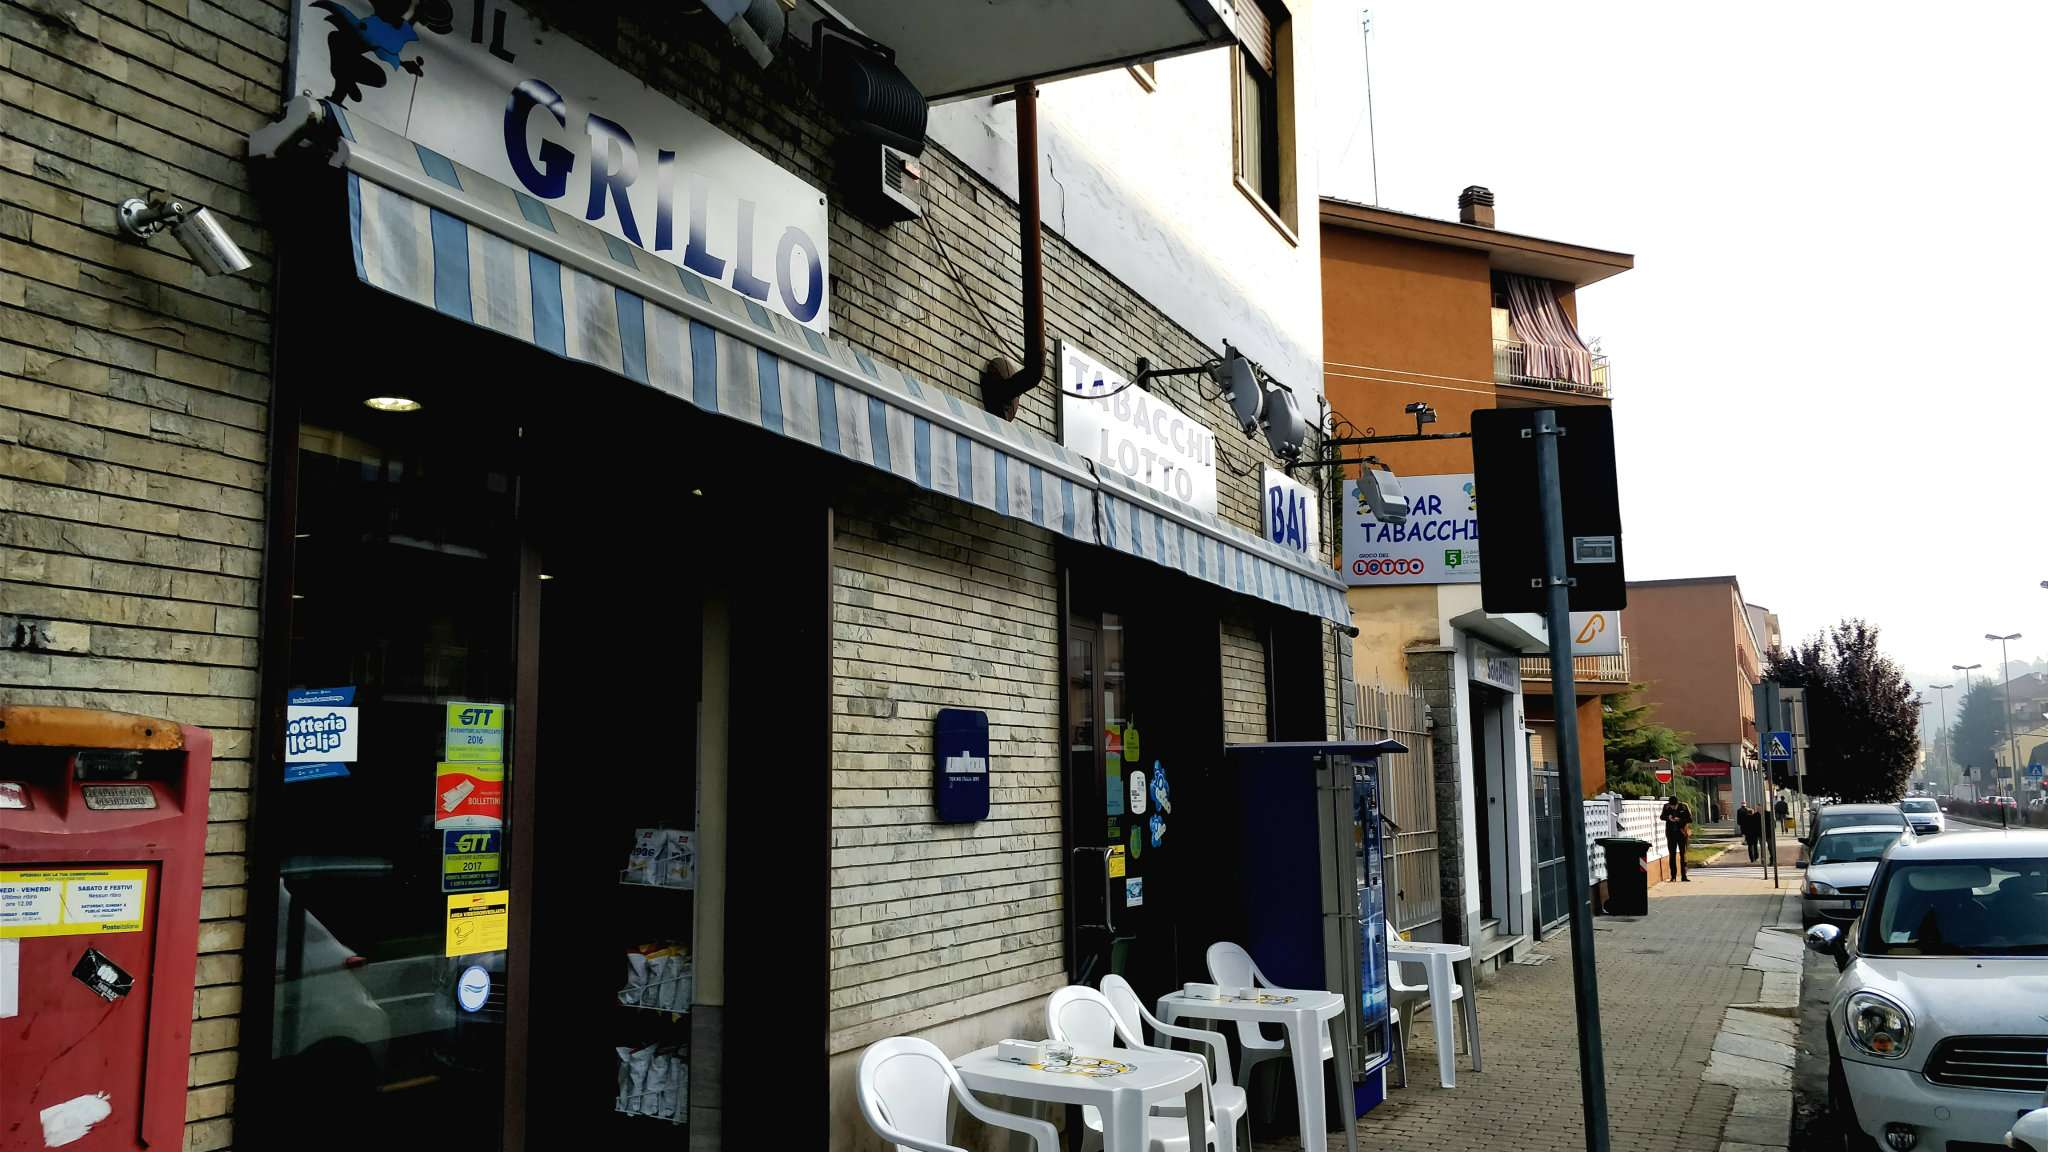 Tabacchi / Ricevitoria in vendita a San Mauro Torinese, 2 locali, prezzo € 650.000 | CambioCasa.it